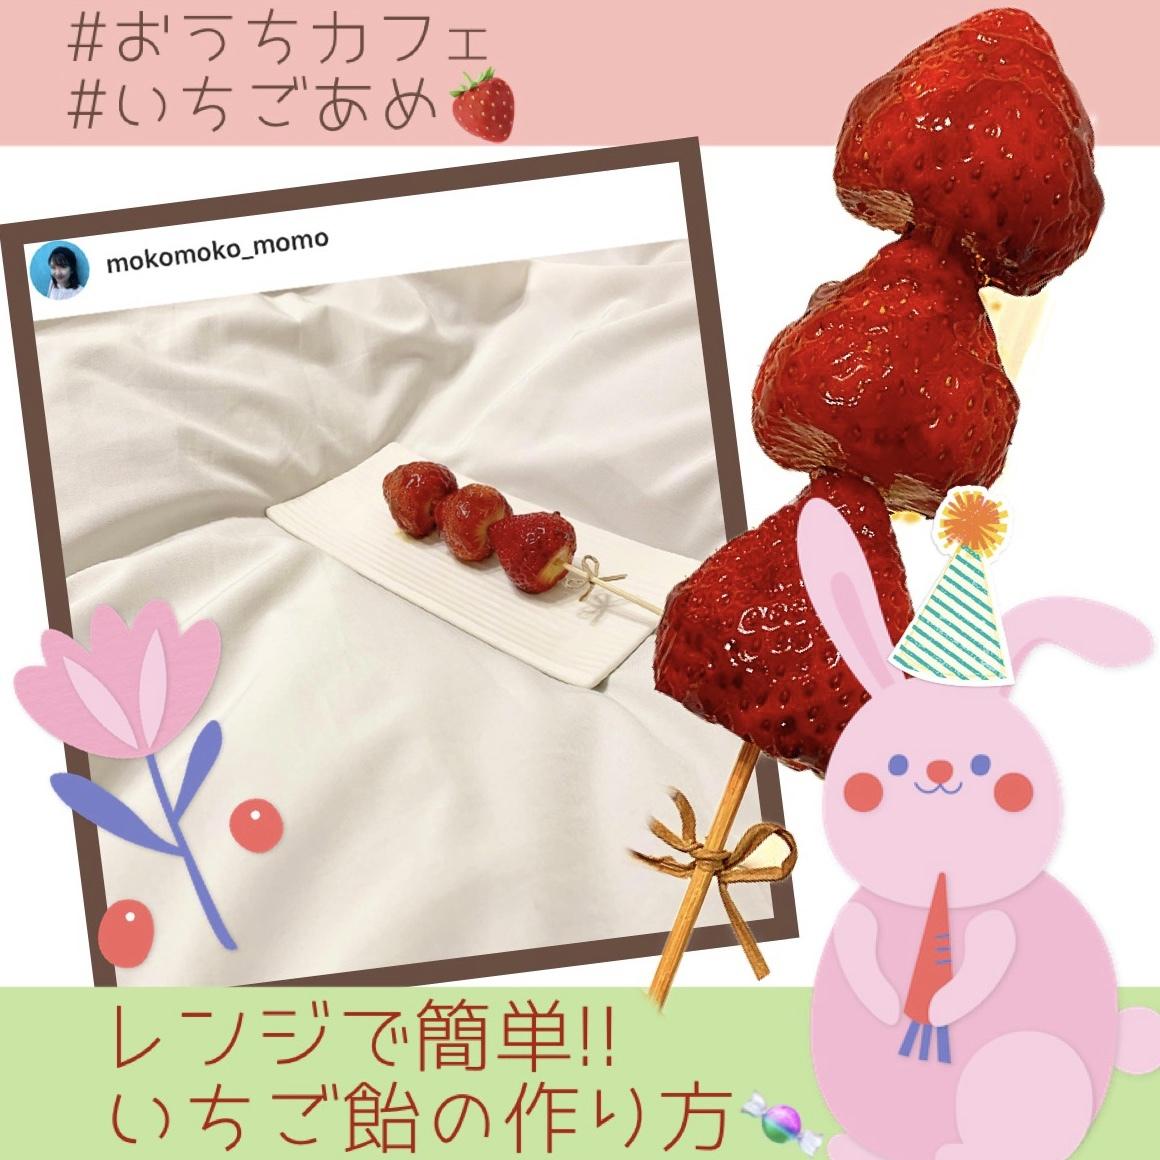 【おうちカフェ】レンジで簡単!!いちごあめ作りました!!_1_1